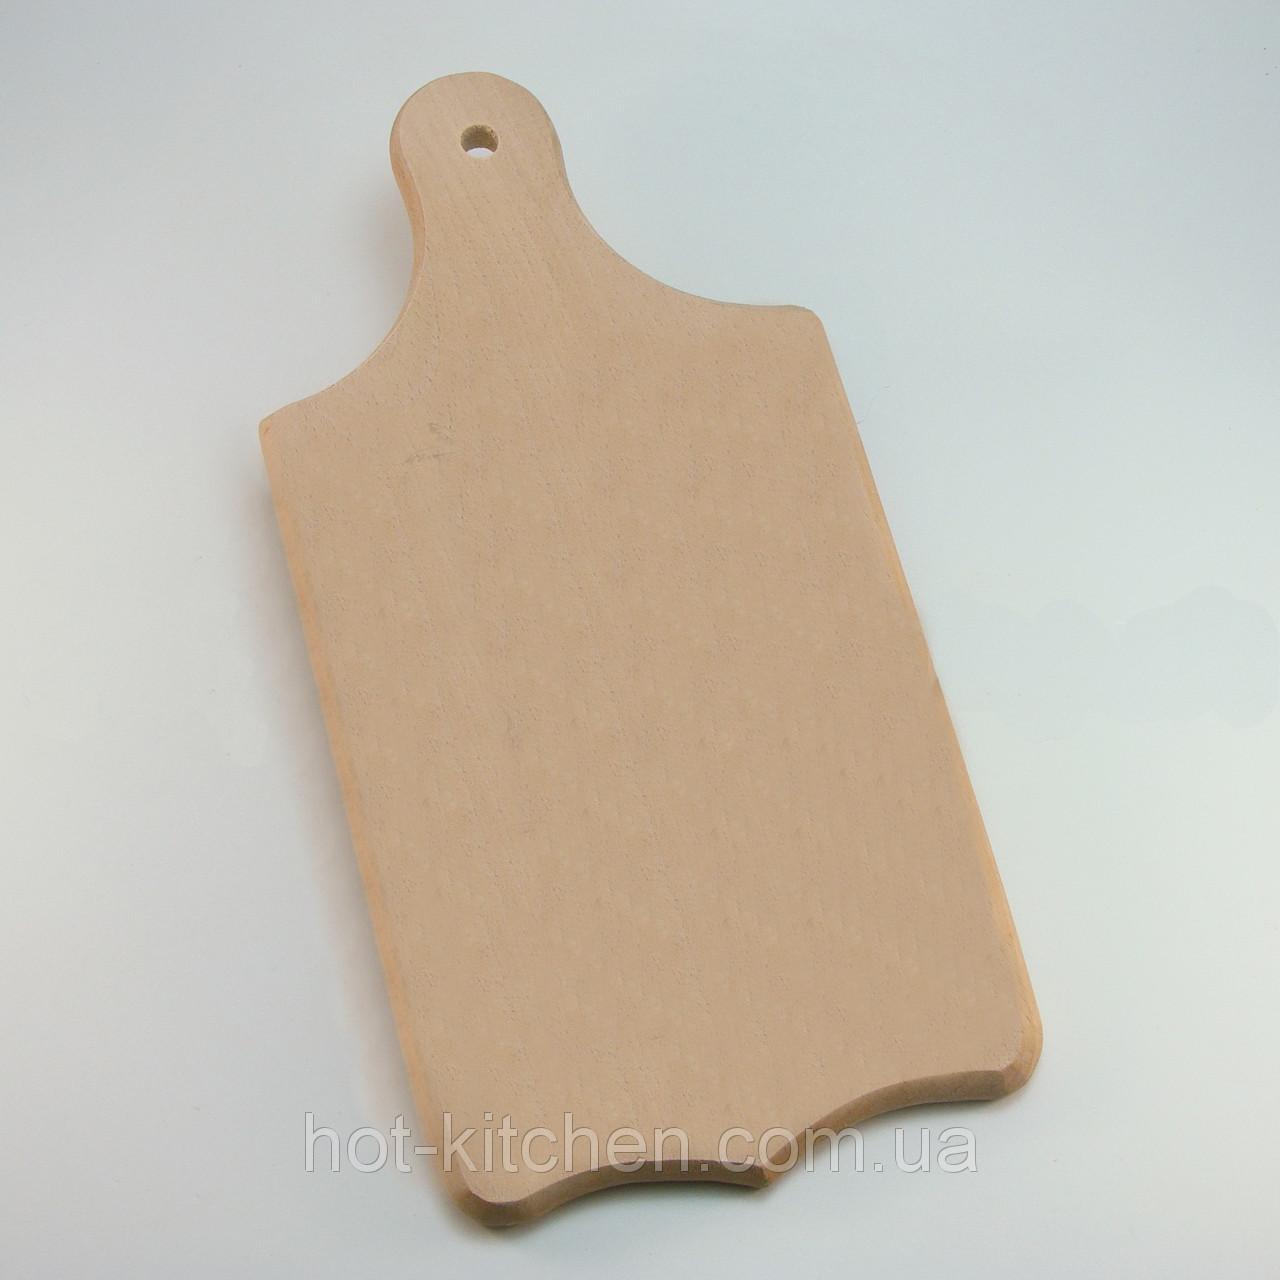 Доска разделочная деревянная 35*13 оптом и в розницу